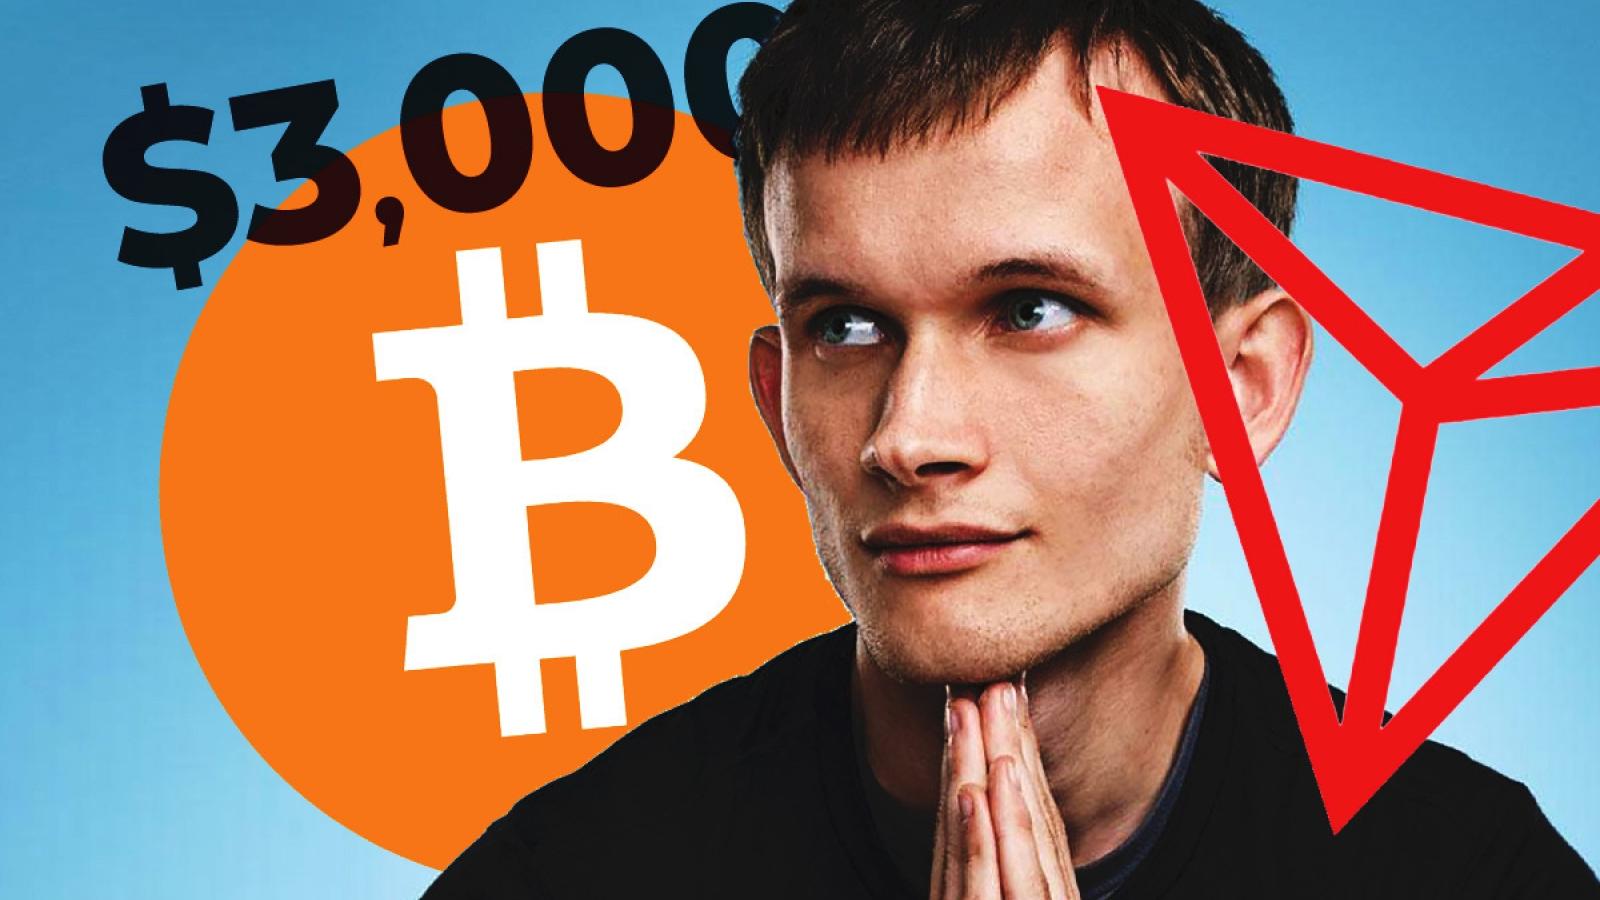 Rusya ve Çin Bitcoin'e BTC Onay Verdi ETH ve TRX Ortaklık Kuruyor İşte Kripto Camiasında 1 Nisan Şakaları